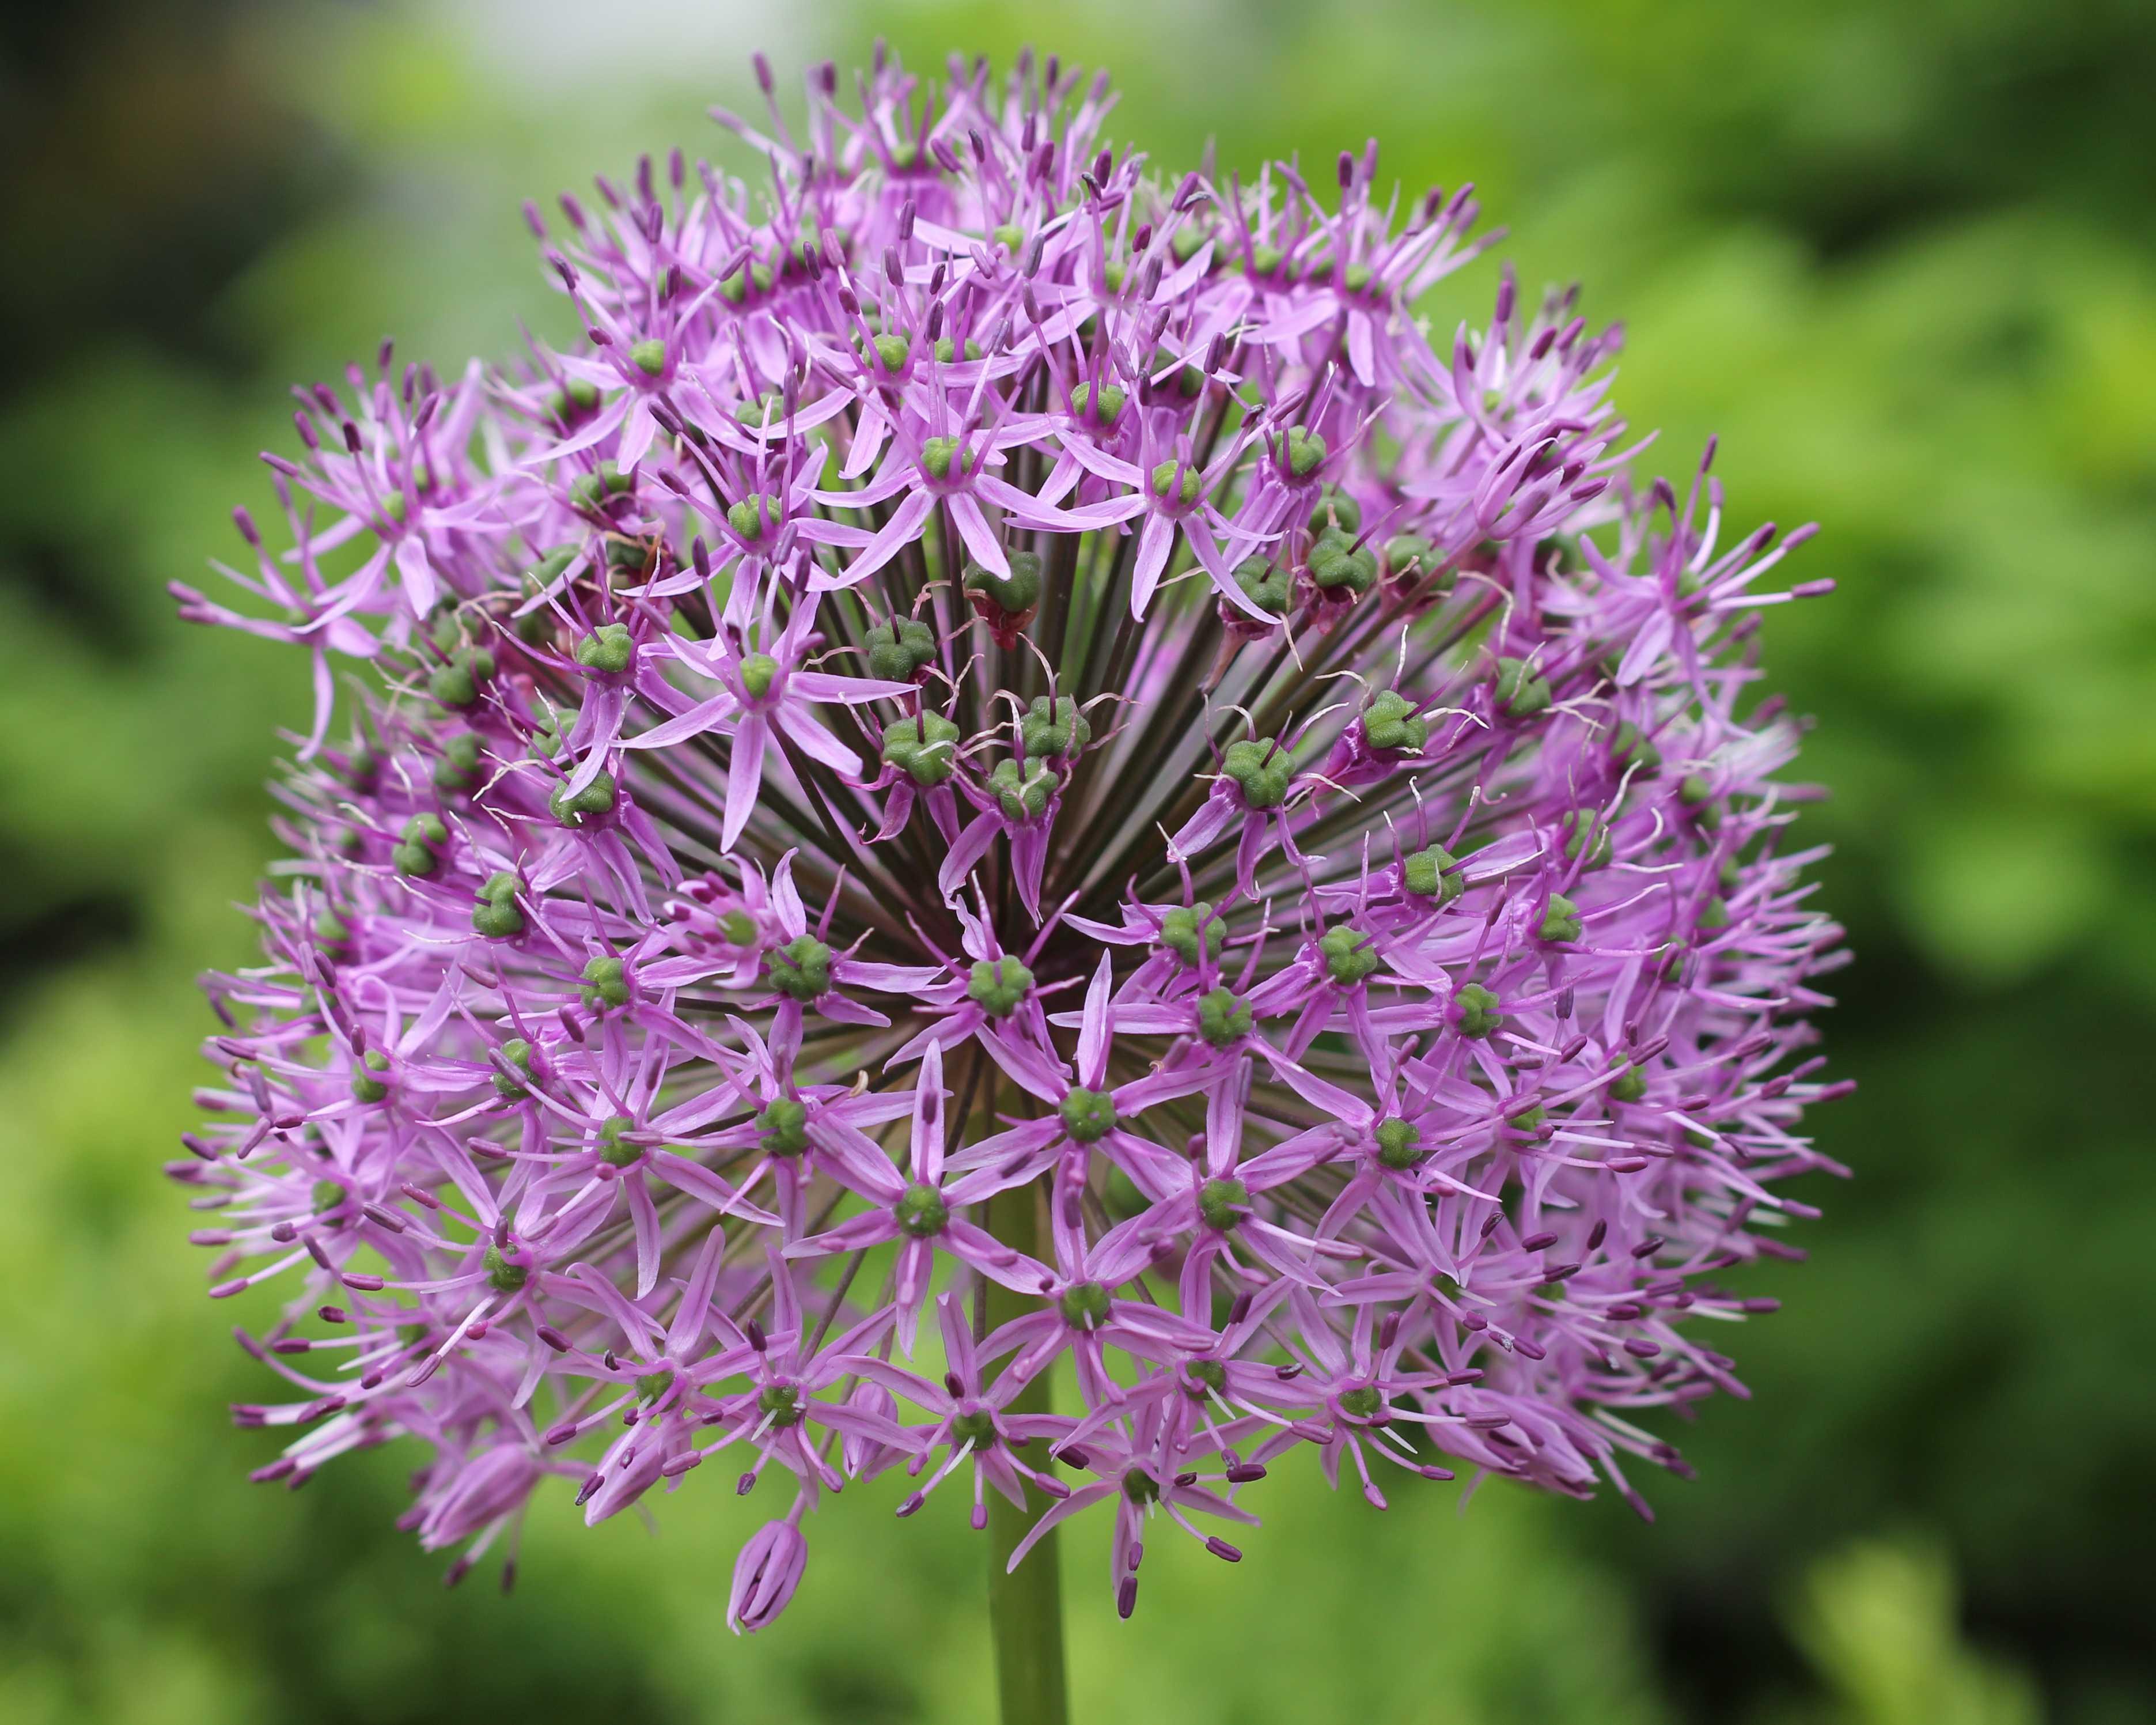 Цветок аллиум посадка и уход в открытом грунте Как сажать фото